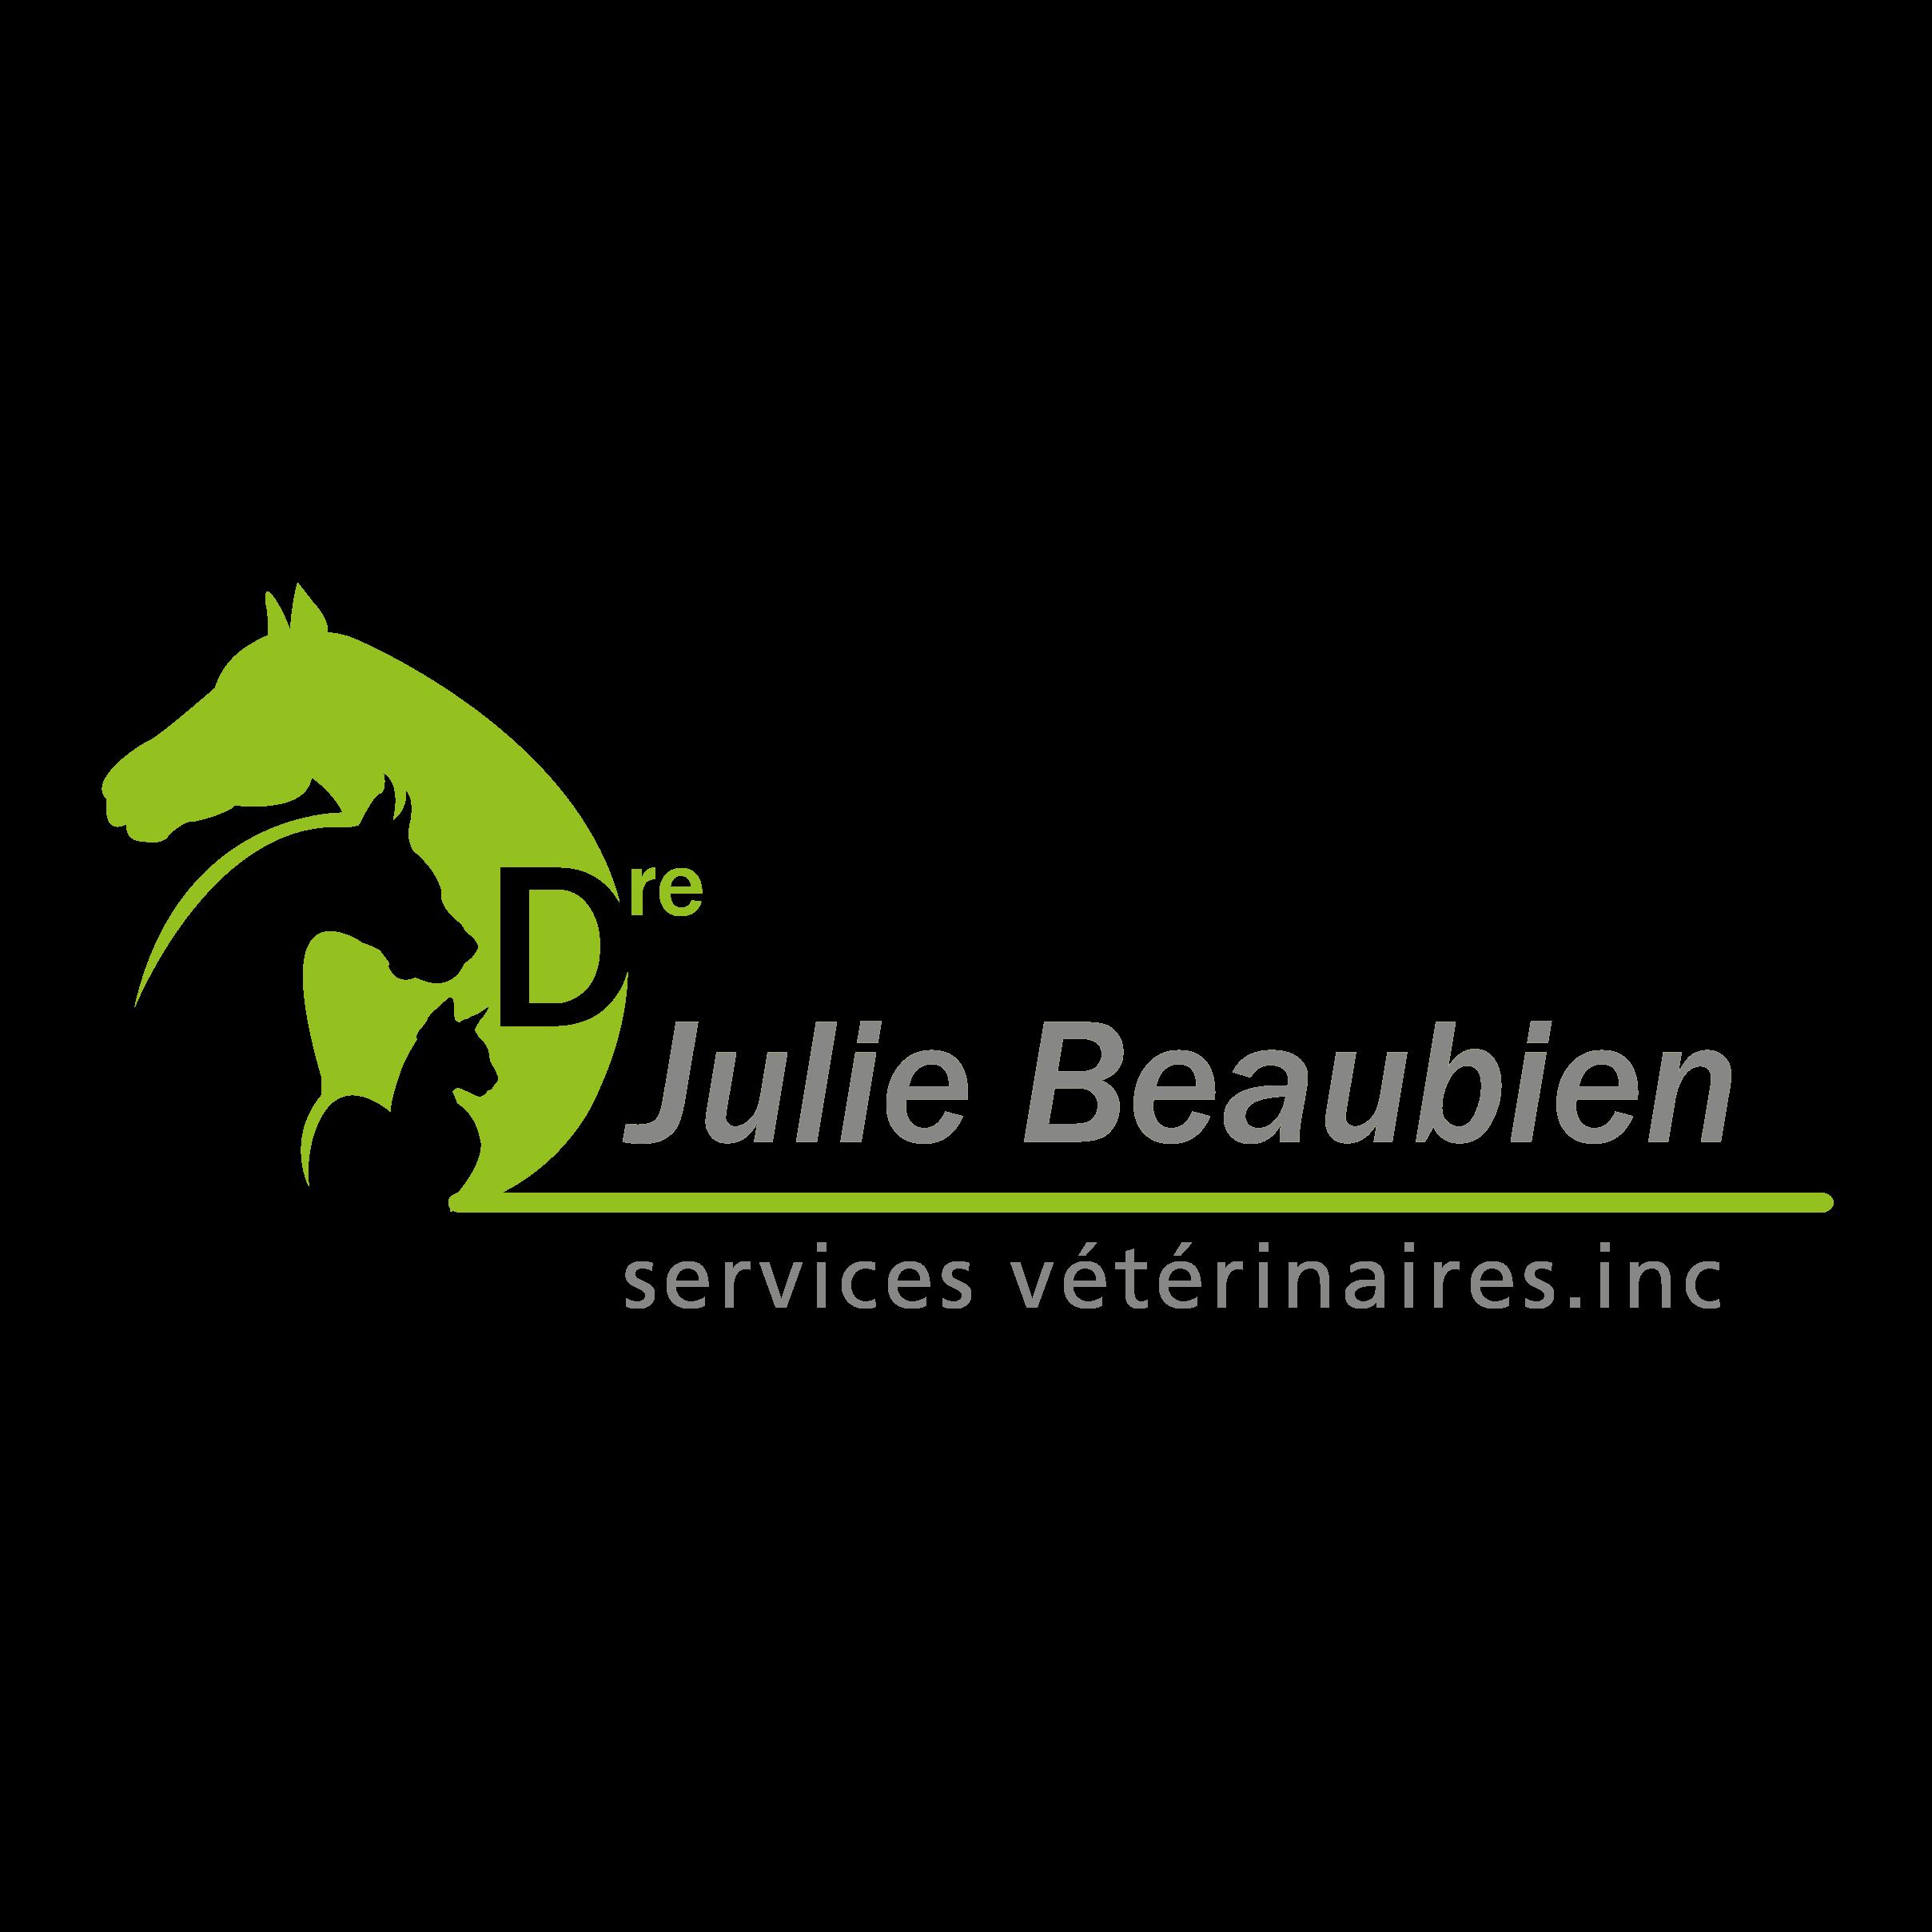 Dre Julie Beaubien